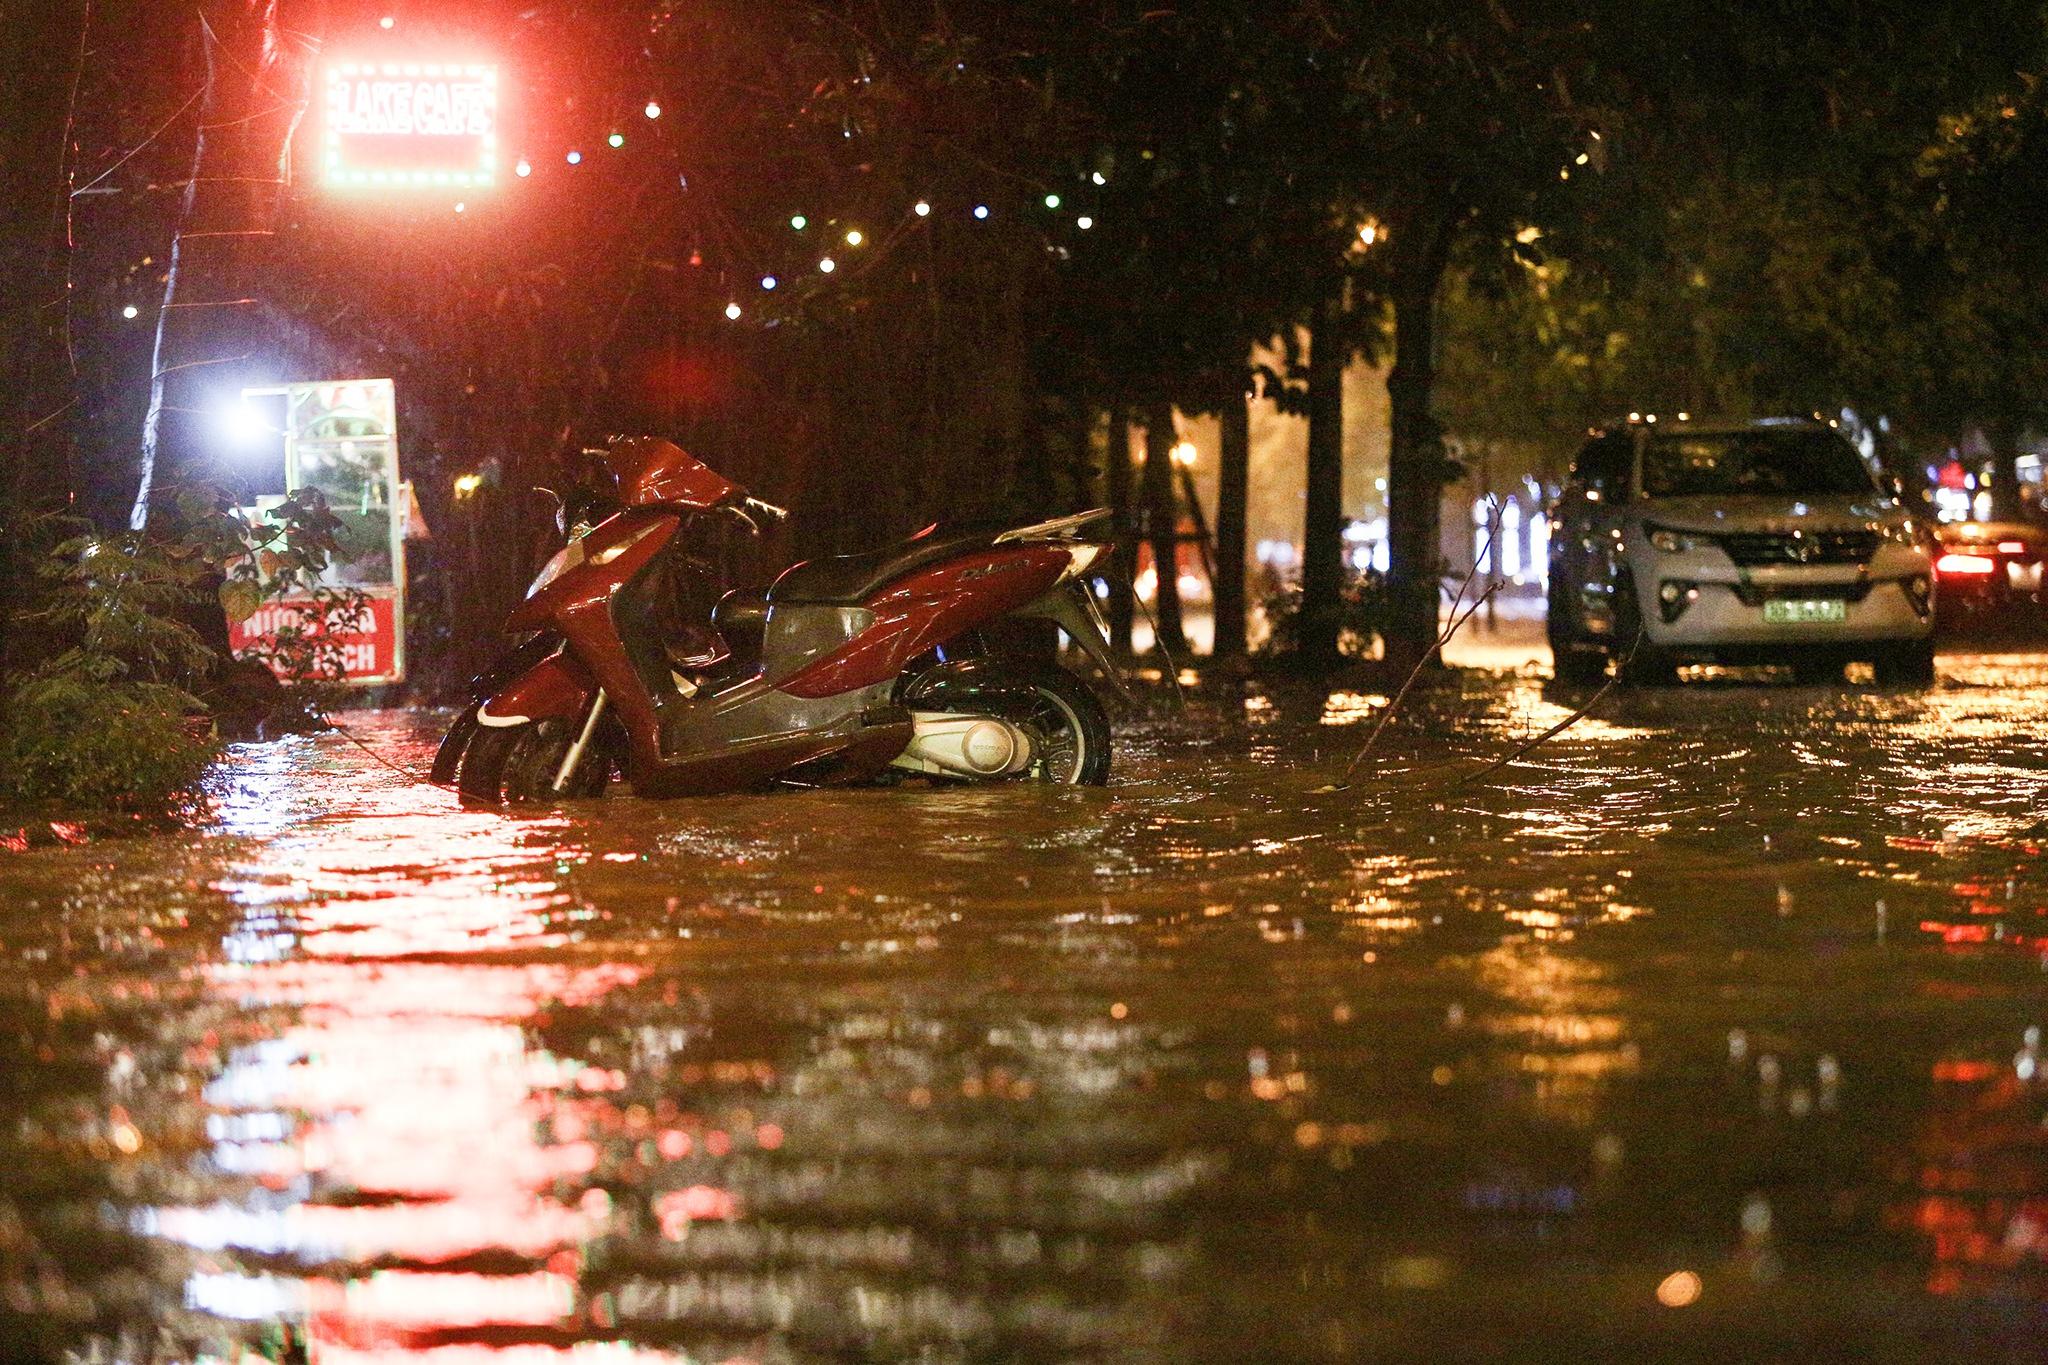 Bắt cá giữa đường sau mưa ngập ở Hà Nội - Ảnh 7.